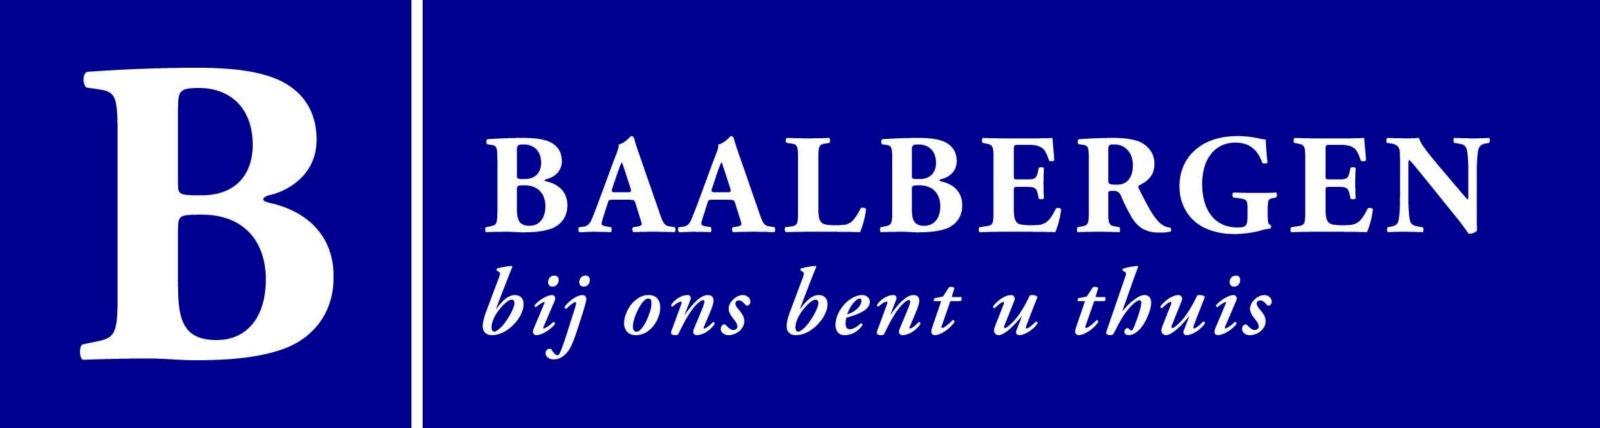 BAALBERGEN_LOGO_BLAUW